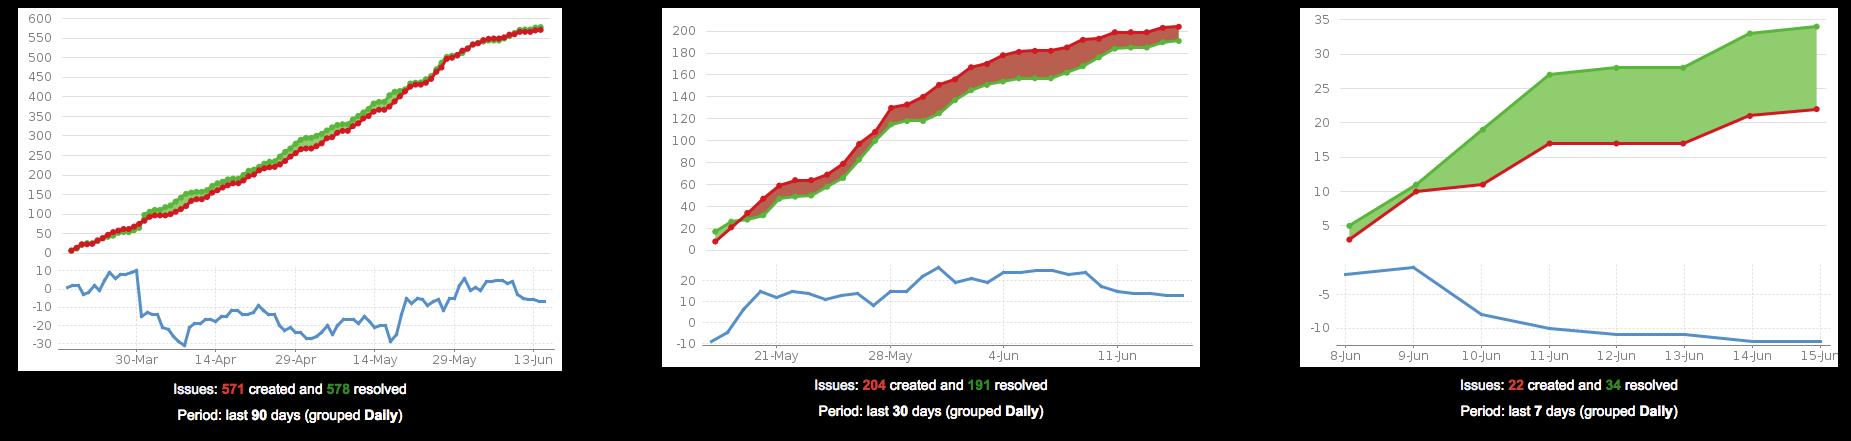 異なるデータを示す、3 つの作成済み vs 解決済みの課題ガジェット。